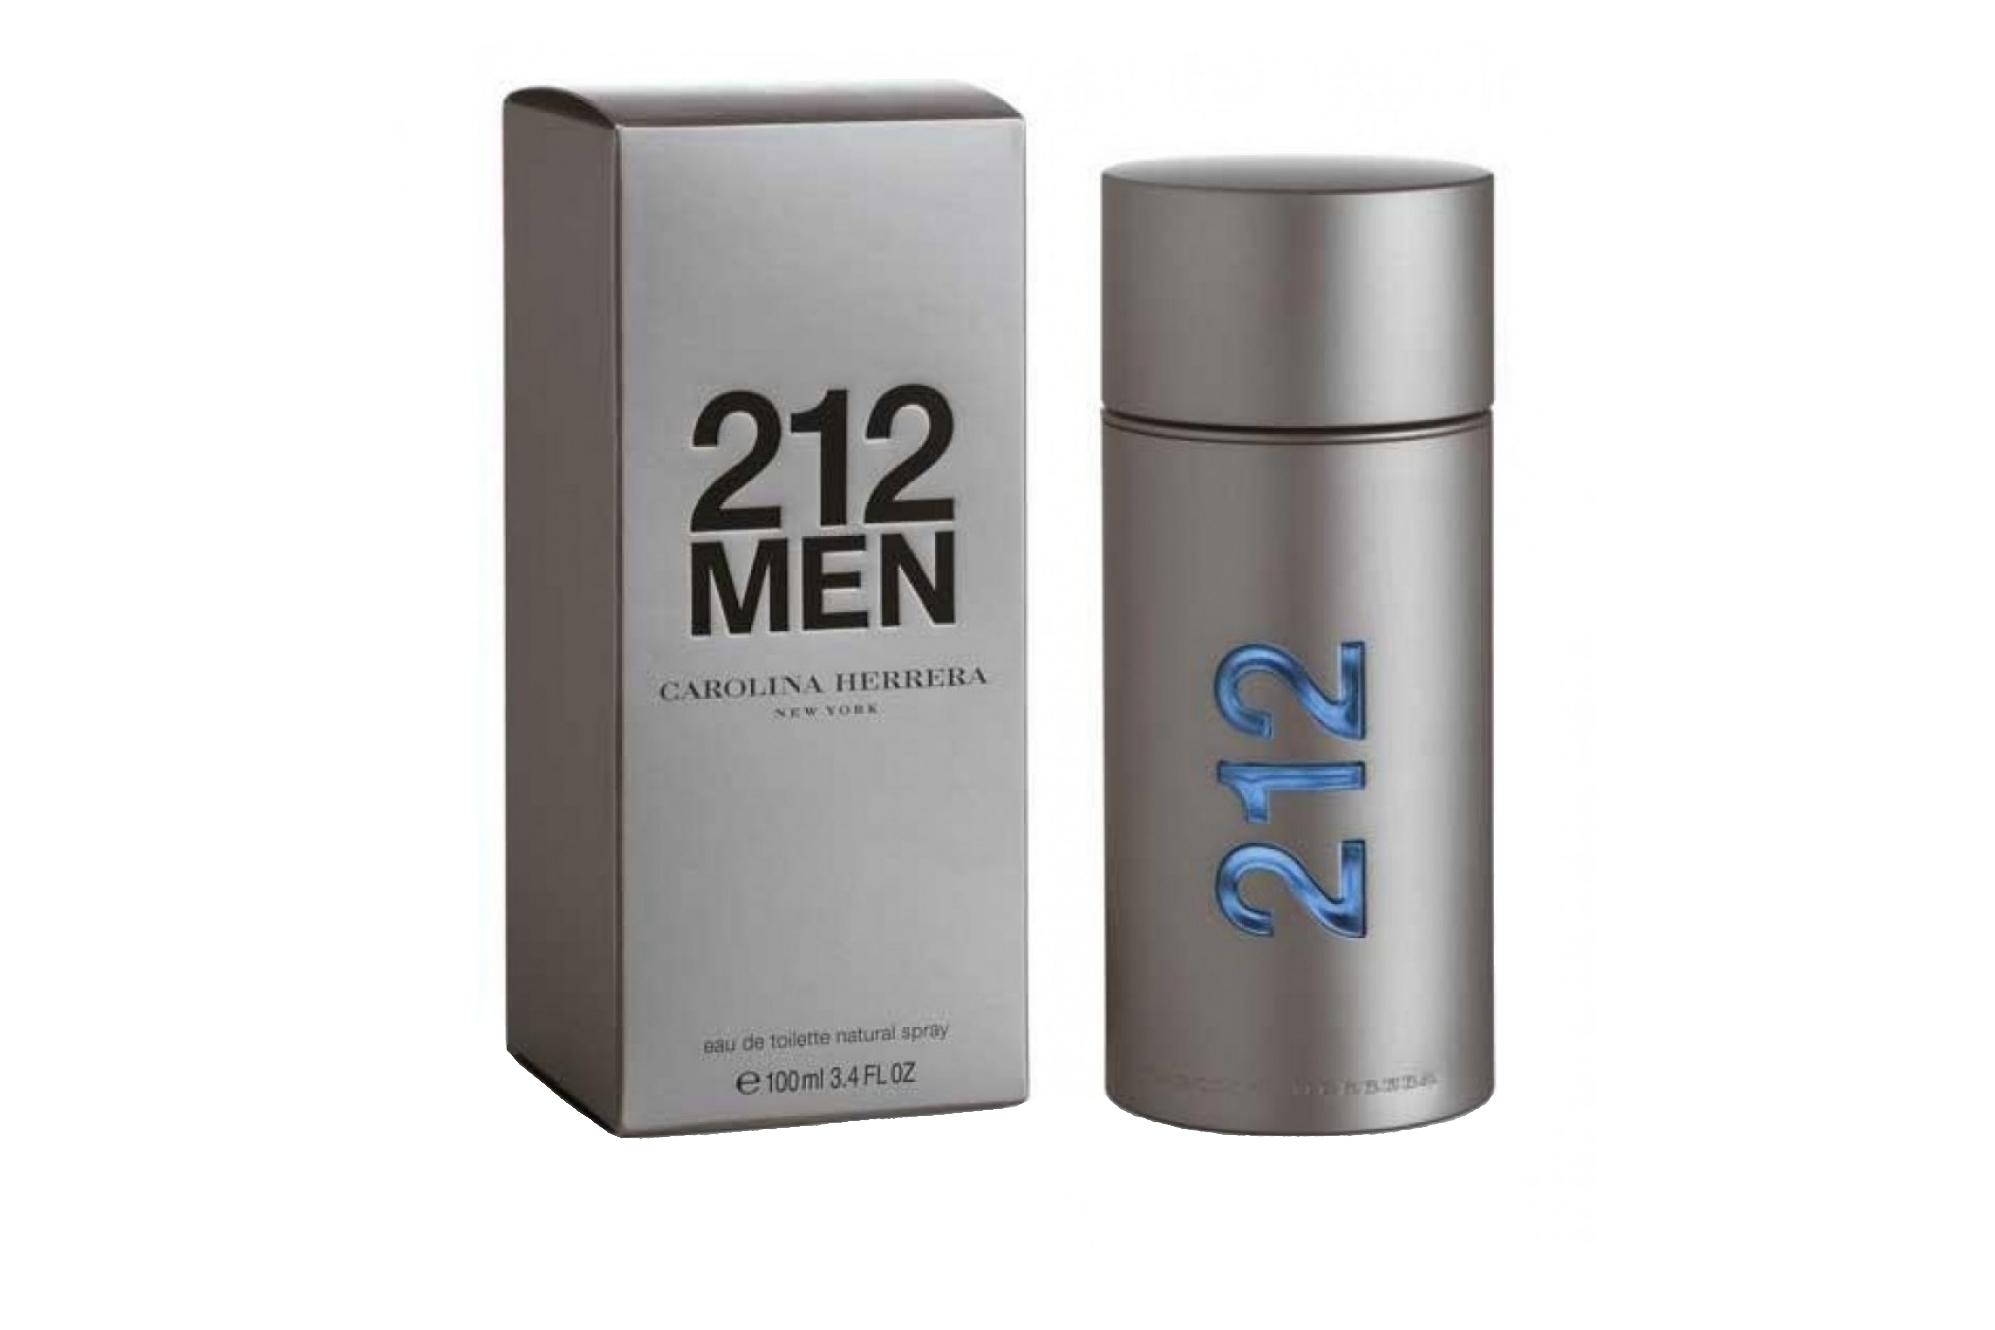 Carolina Herrera 212 Vip Men — харизматичный, веселый, стильный, желанный, ему подражают.  Посвящен современным, уверенным в себе мужчинам, которые стремятся к новым победам и достижениям, но ценят простой стиль жизни. Для уверенных в себе, самостоятельных и решительных мужчин! Carolina Herrera 212 Vip Men — сильный, уверенный в себе мужчина, с ярким индивидуальным характером!